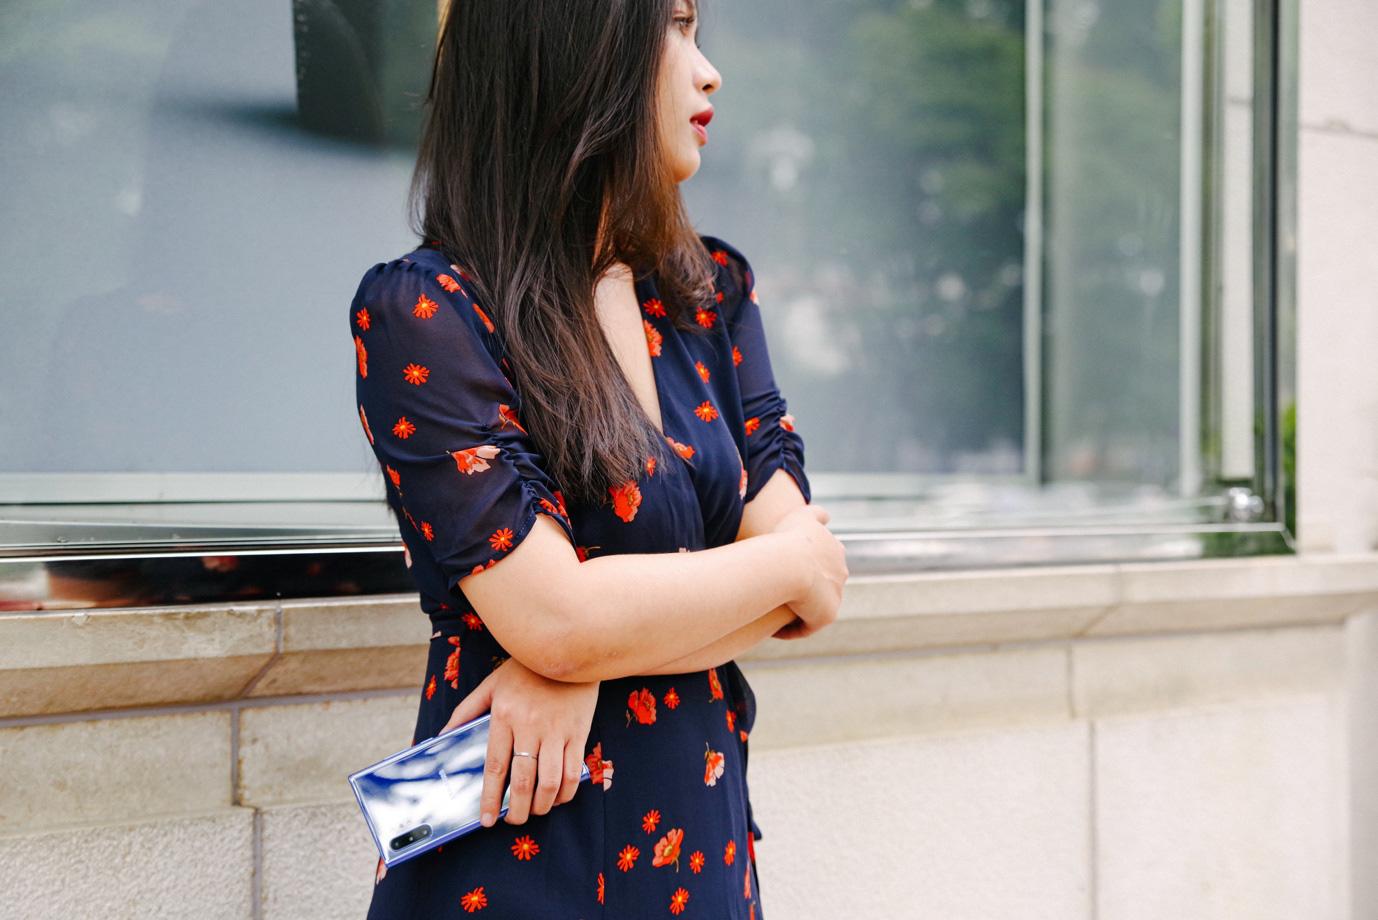 photo 8 15795845294461226356376 1579584984915 15795849849161409039475 - Tham khảo ngay một số trend thời trang trong năm 2020 để kịp trưng diện đón Tết